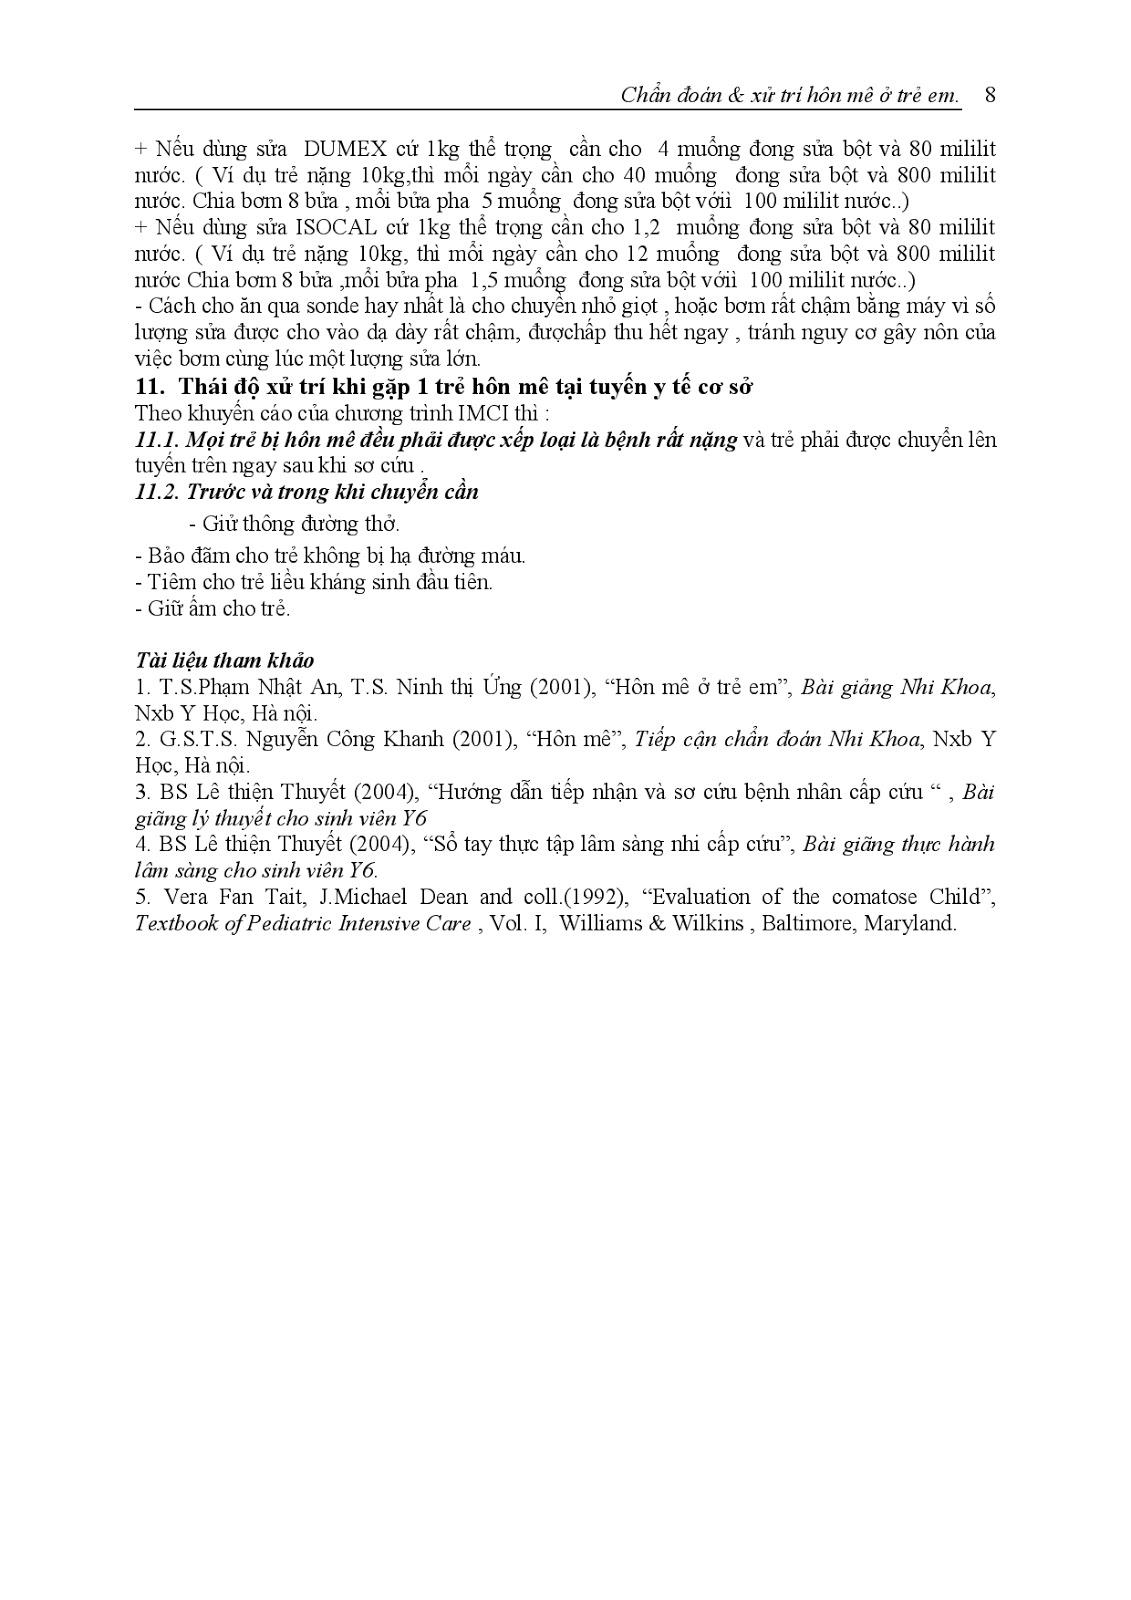 Trang 9 sach Bài giảng Nhi khoa III (Sơ sinh - Cấp cứu - Thần kinh - Chăm sóc sức khỏe ban đầu) - ĐH Y Huế